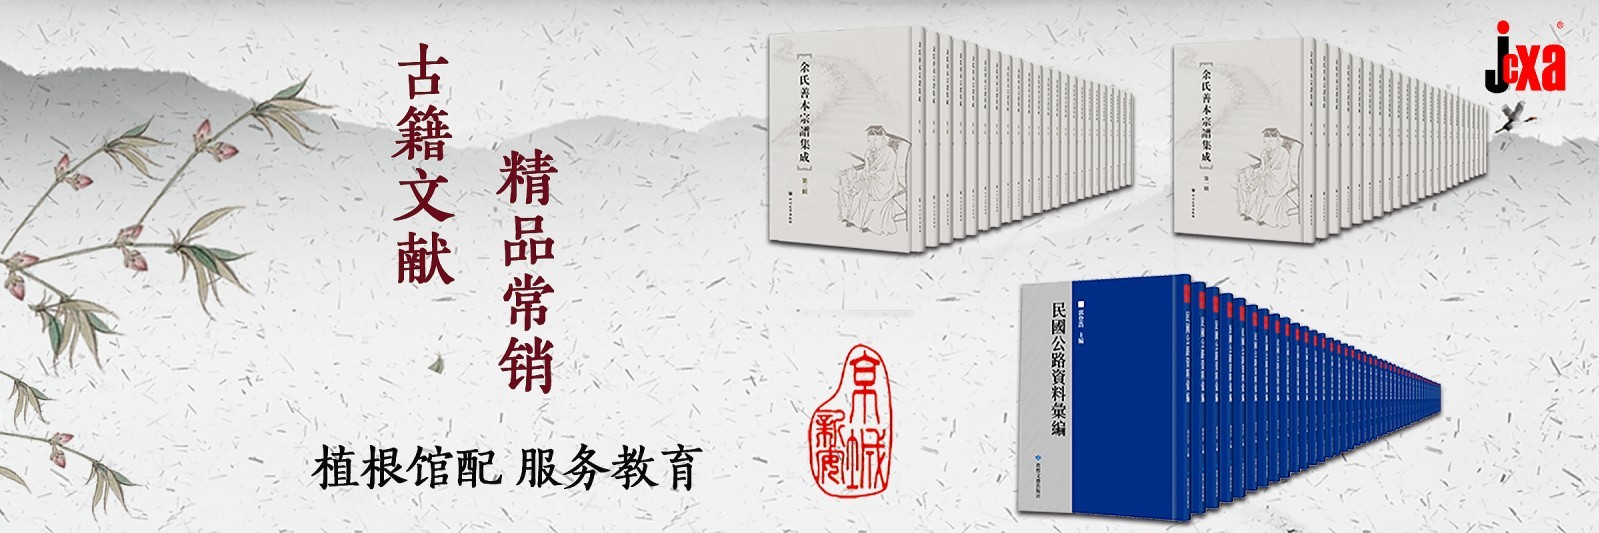 http://shop.kongfz.com/257975/special/69045/